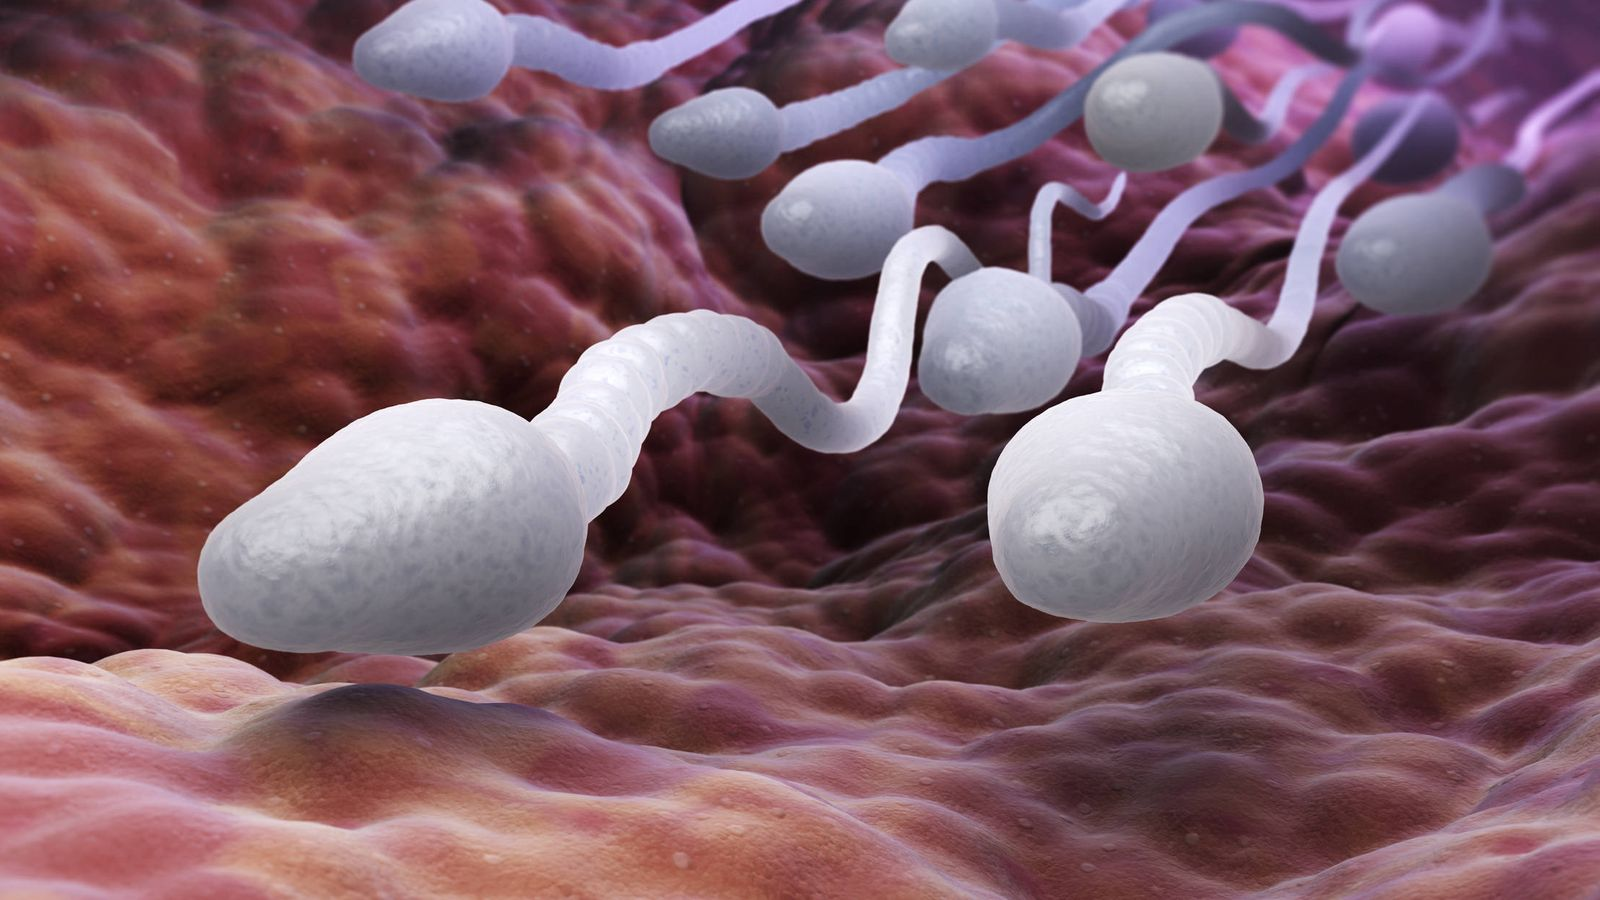 Dieta: La dieta que favorece la calidad de los espermatozoides